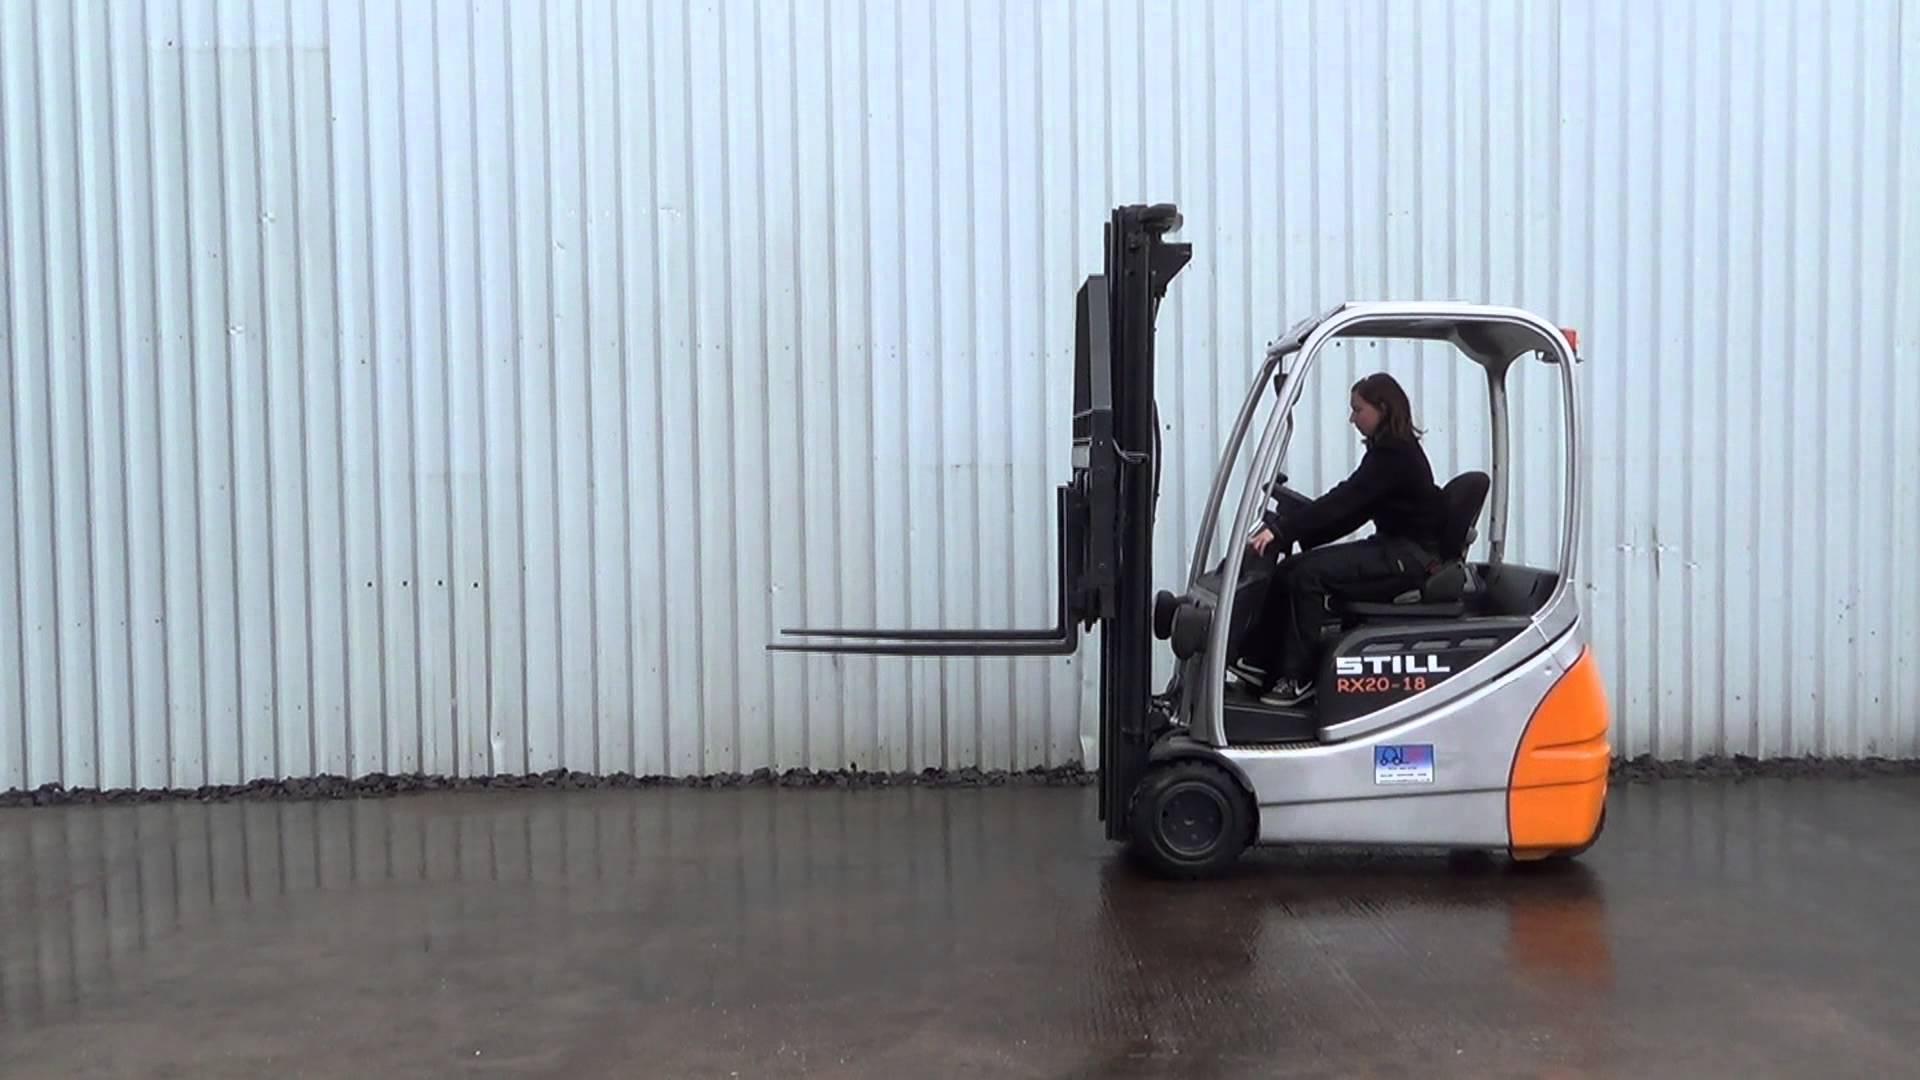 STILL 3 Wheel Forklift